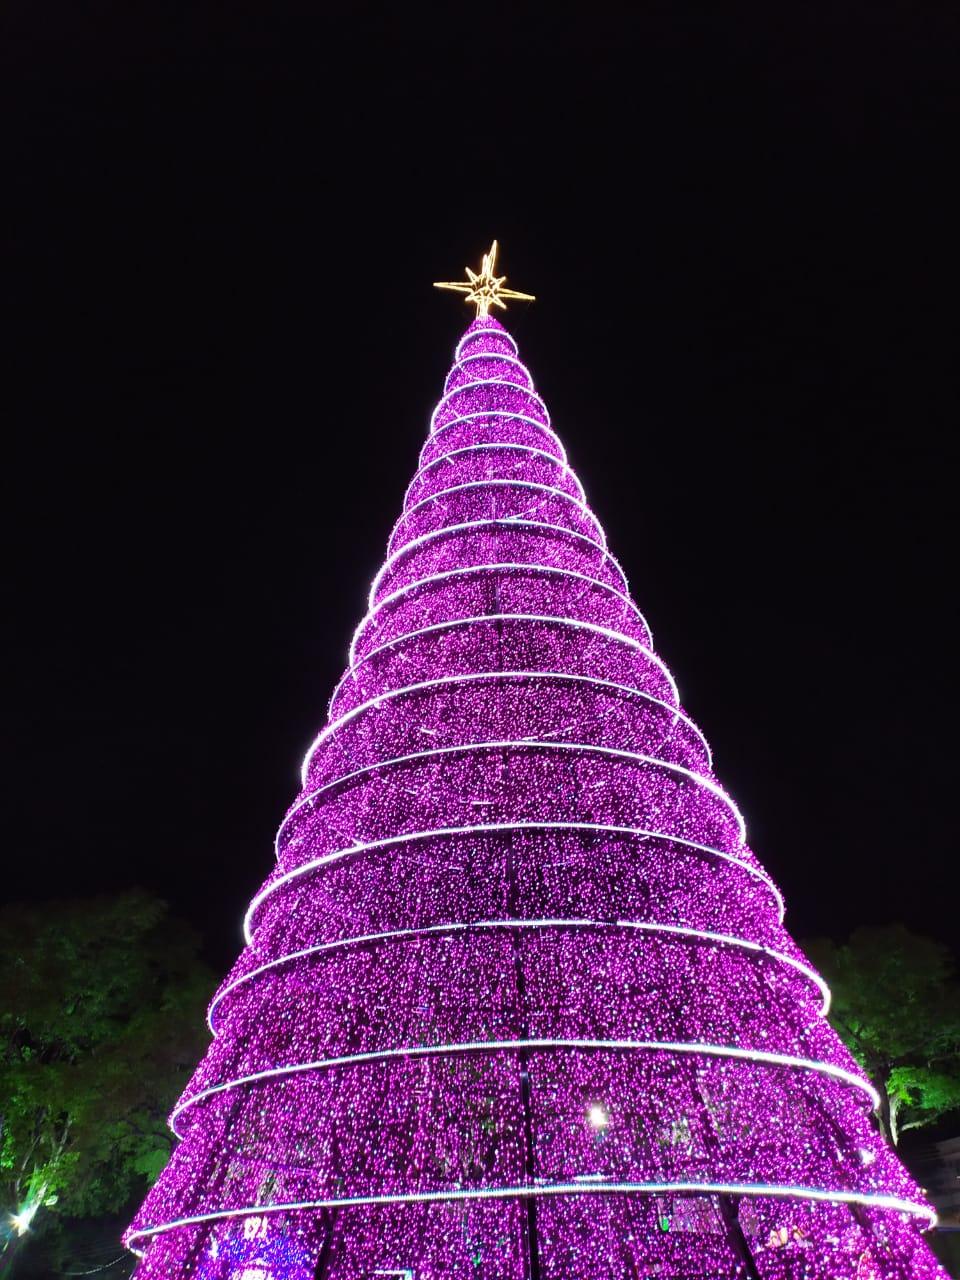 Turismo em alta -Um dia após o acendimento da iluminação natalina do Gramadão de Itaipu, na Vila A, a abertura oficial da programação do Natal de Foz do Iguaçu levou centenas de pessoas à Praça da Paz